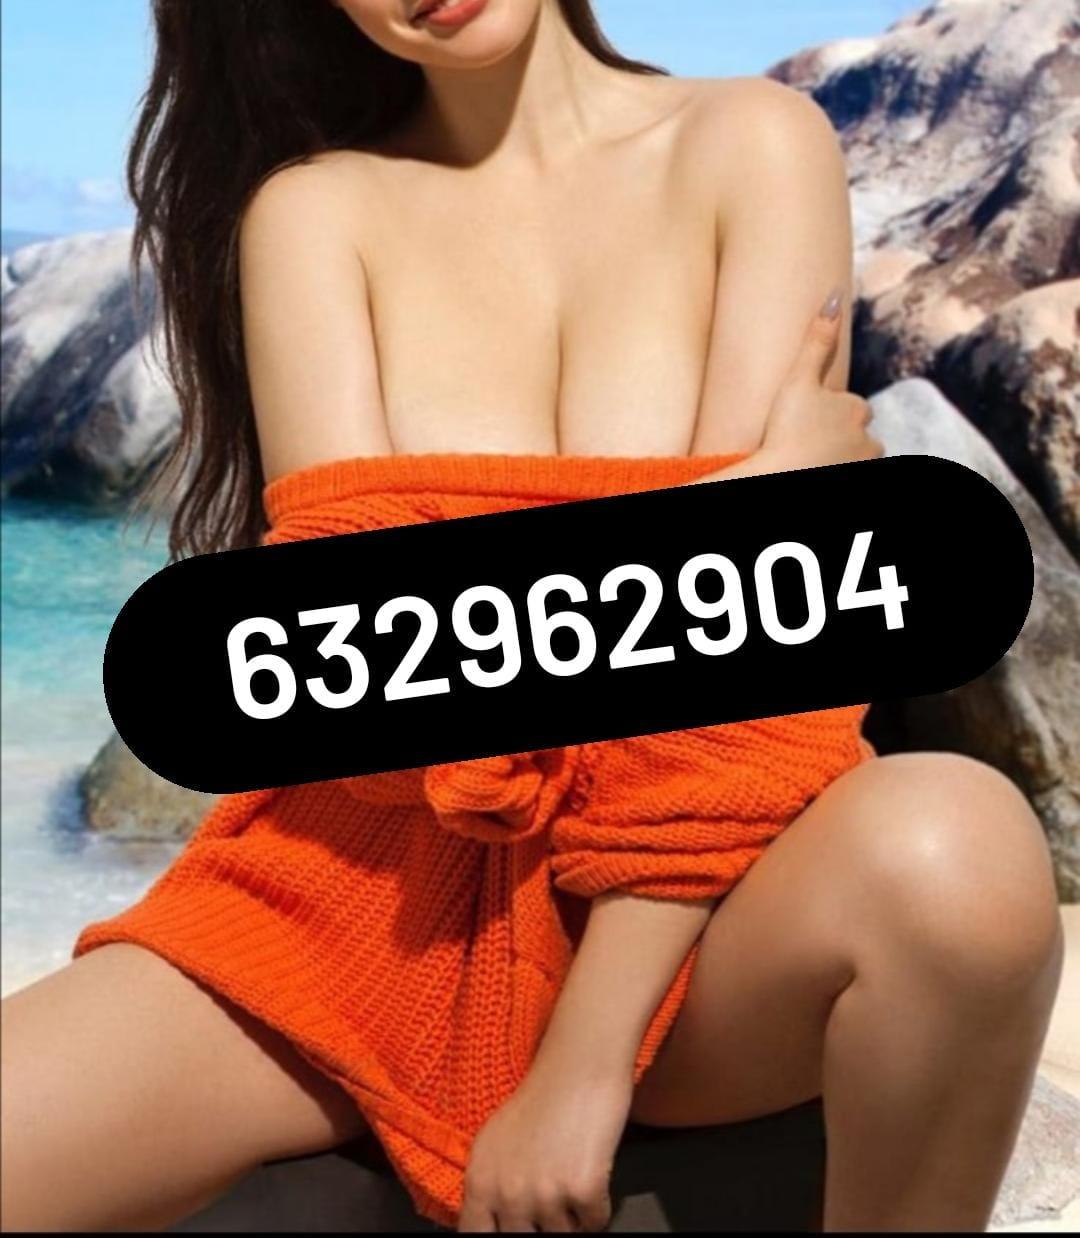 632962904|NEREA|Escort